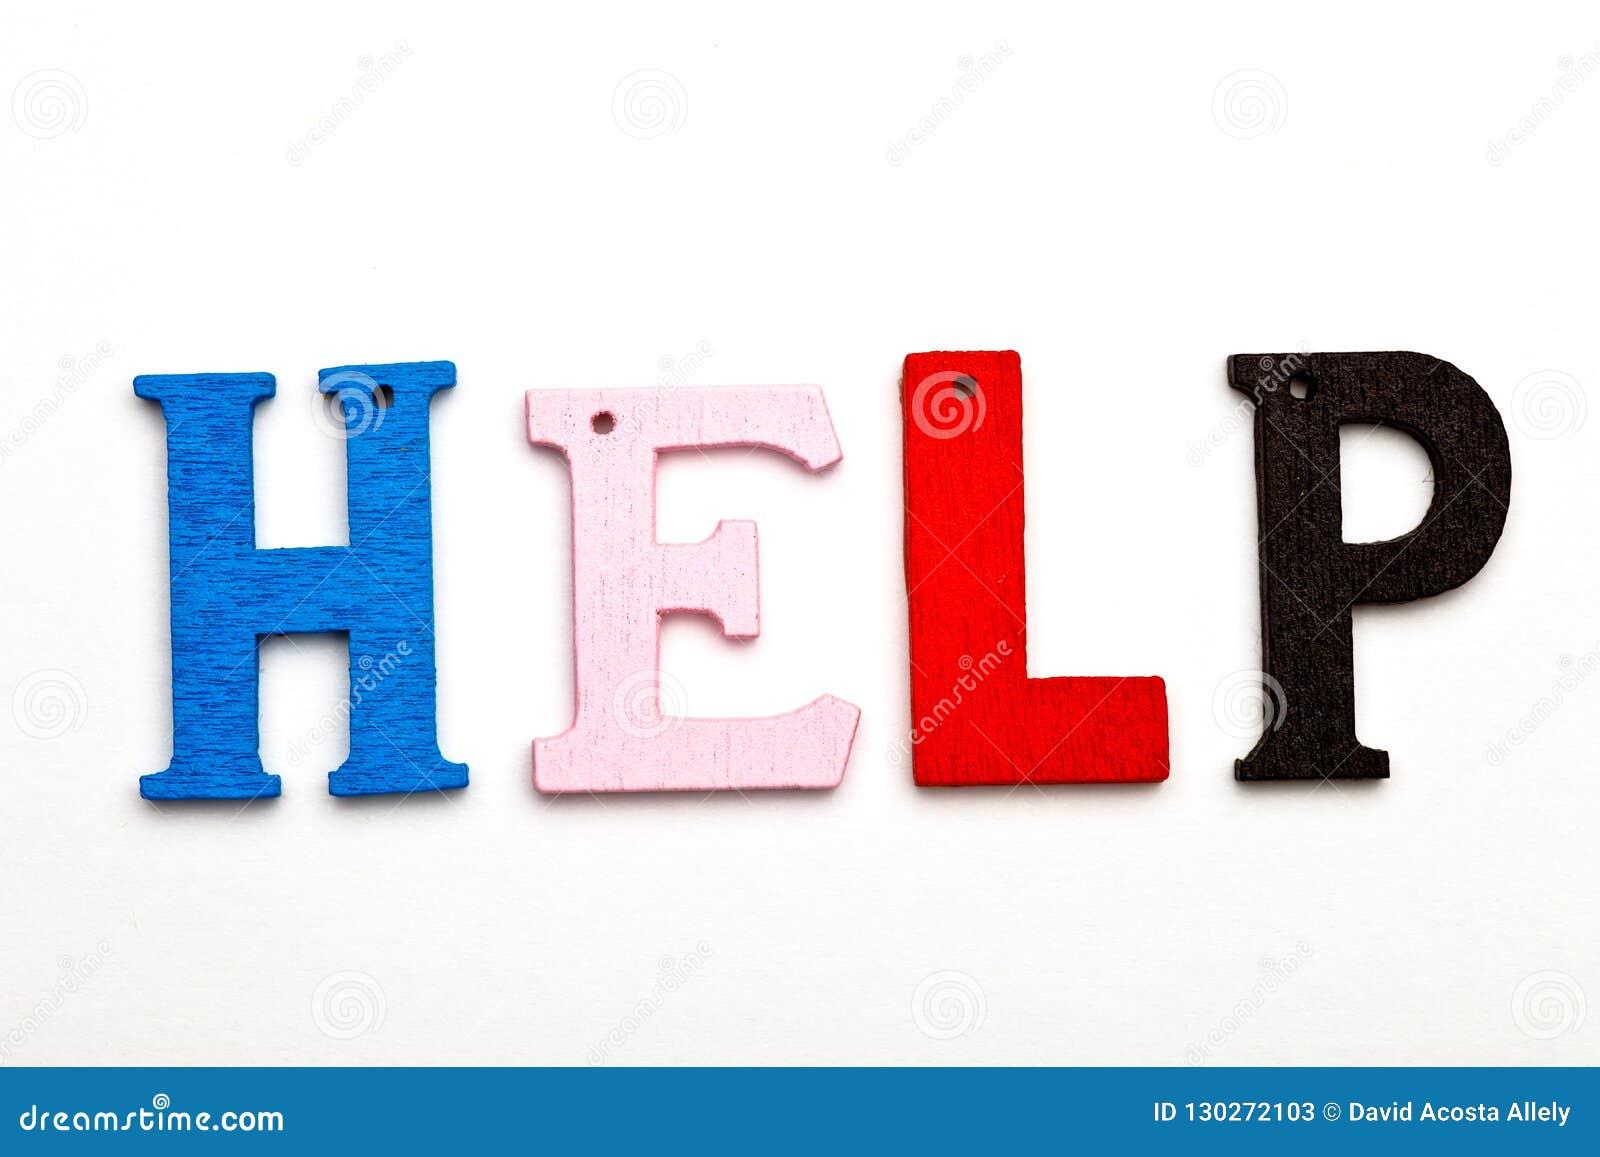 Die Wort Hilfe